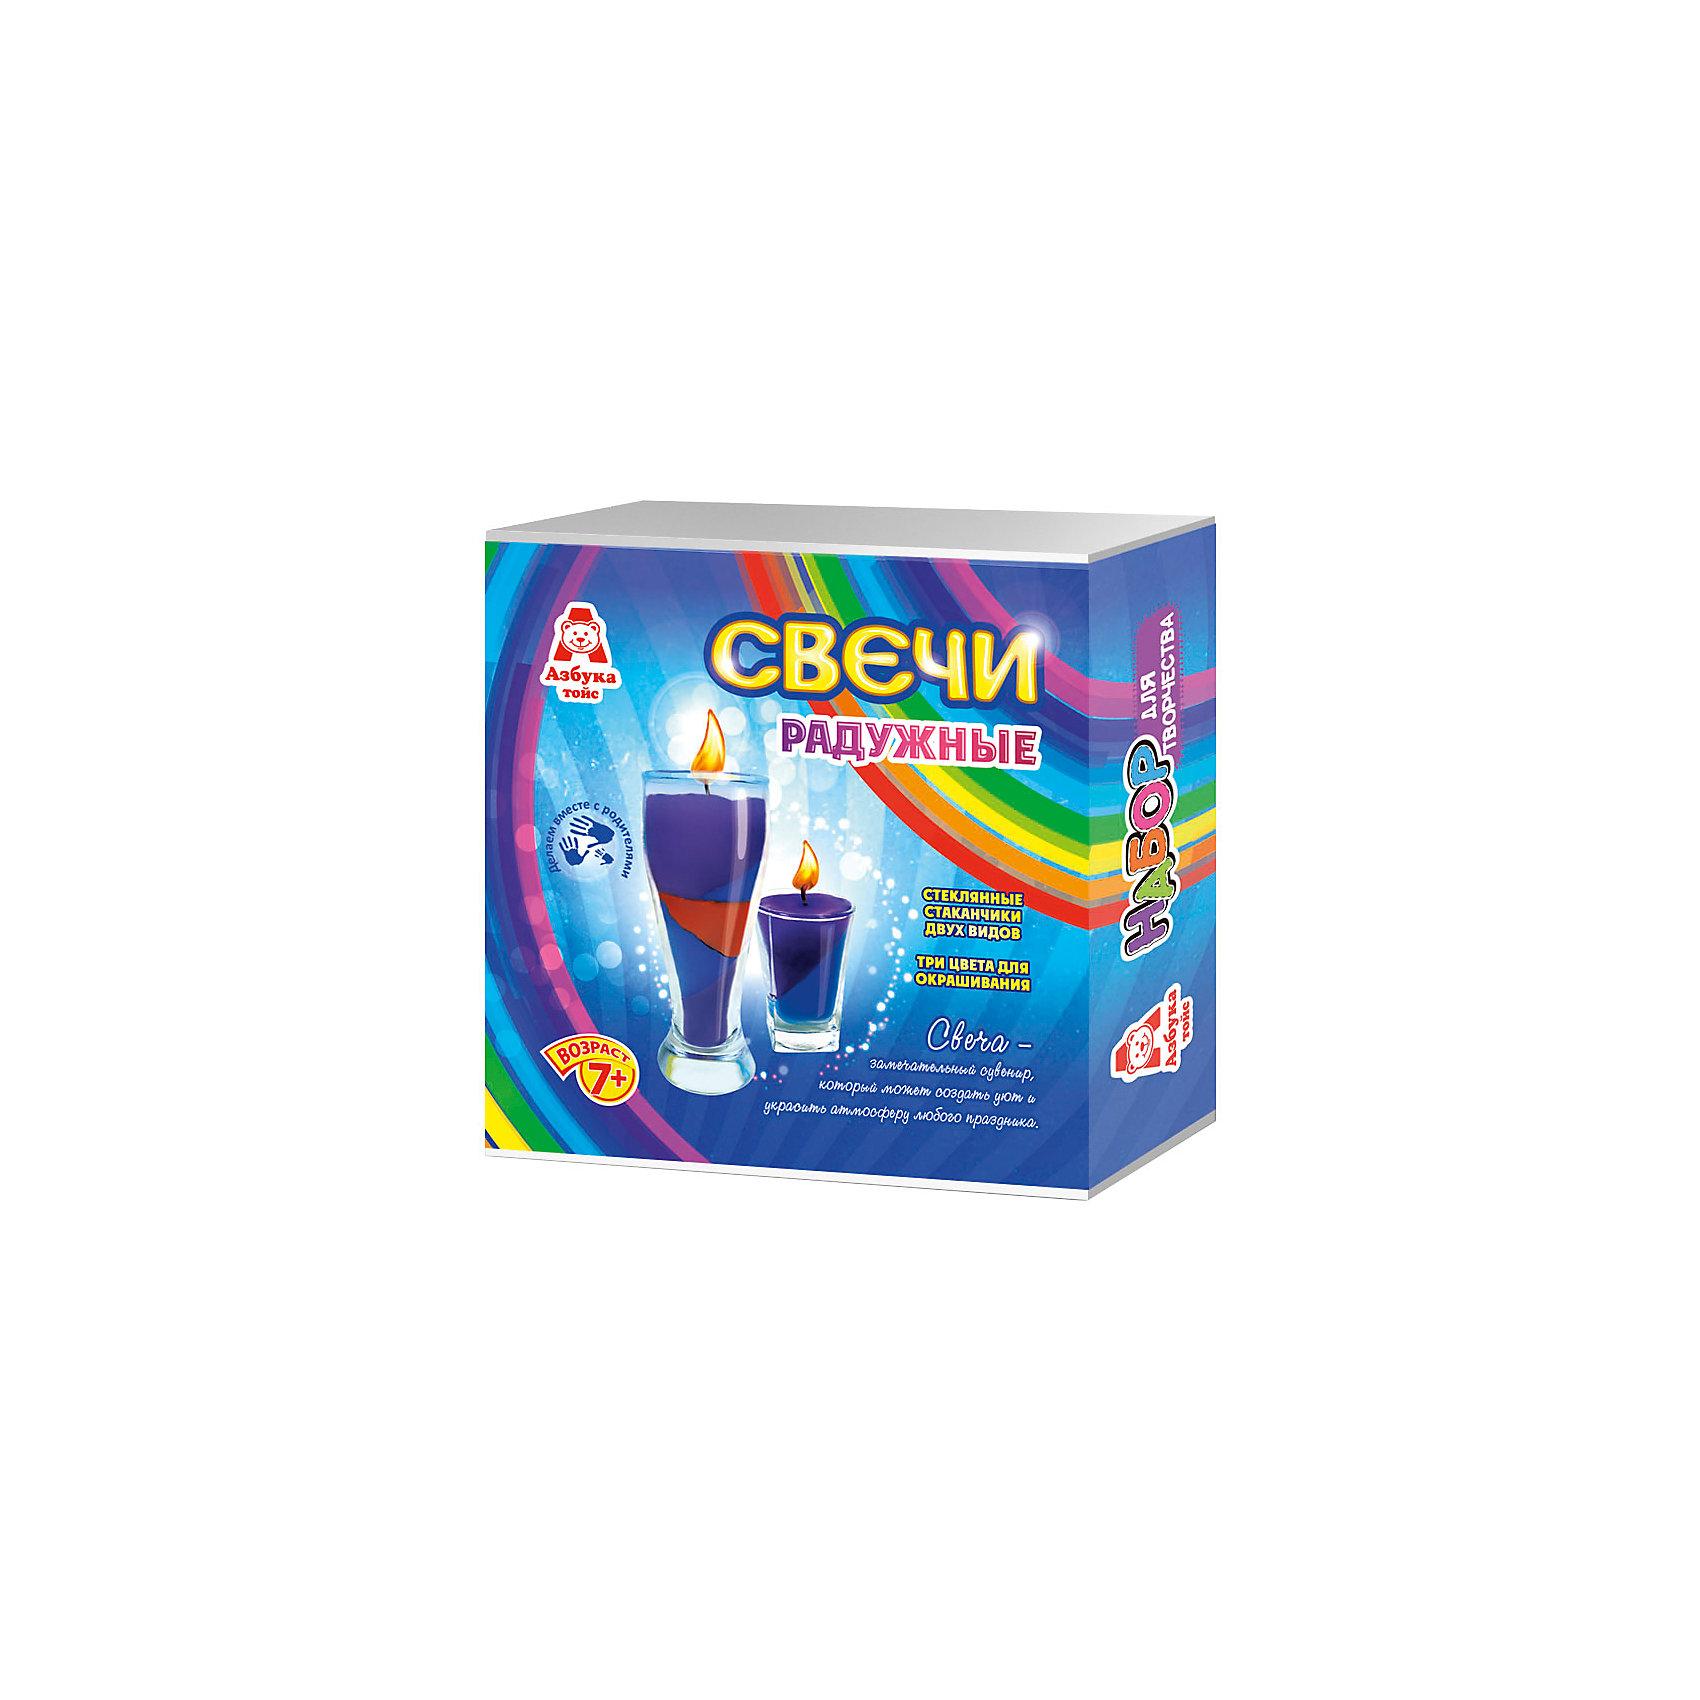 Свечи радужныеНаборы для создания свечей<br>Характеристики товара:<br><br>• упаковка: коробка<br>• материал: парафин<br>• возраст: 7+<br>• масса: 390 г<br>• габариты: 140х50х140 мм<br>• комплектация: 2 стеклянных стаканчика, восковые мелки, парафин, фитиль, палочка для размешивания, инструкция<br>• страна бренда: РФ<br>• страна изготовитель: РФ<br><br>Магия огня притягательна для всех возрастов. Создание свечей – интересный и необычный опыт в творчестве малышей. Набор содержит все необходимое, чтобы создать необычную свечу. Готовую свечу можно использовать, как по прямому назначению, так и как элемент декора. <br>Набор станет отличным подарком ребенку, так как он сможет сам сделать красивую вещь для себя или в качестве подарка близким! Материалы, использованные при изготовлении товара, сертифицированы и отвечают всем международным требованиям по качеству. <br><br>Свечи радужные от бренда Азбука Тойс можно приобрести в нашем интернет-магазине.<br><br>Ширина мм: 140<br>Глубина мм: 50<br>Высота мм: 140<br>Вес г: 390<br>Возраст от месяцев: 84<br>Возраст до месяцев: 144<br>Пол: Унисекс<br>Возраст: Детский<br>SKU: 5062896